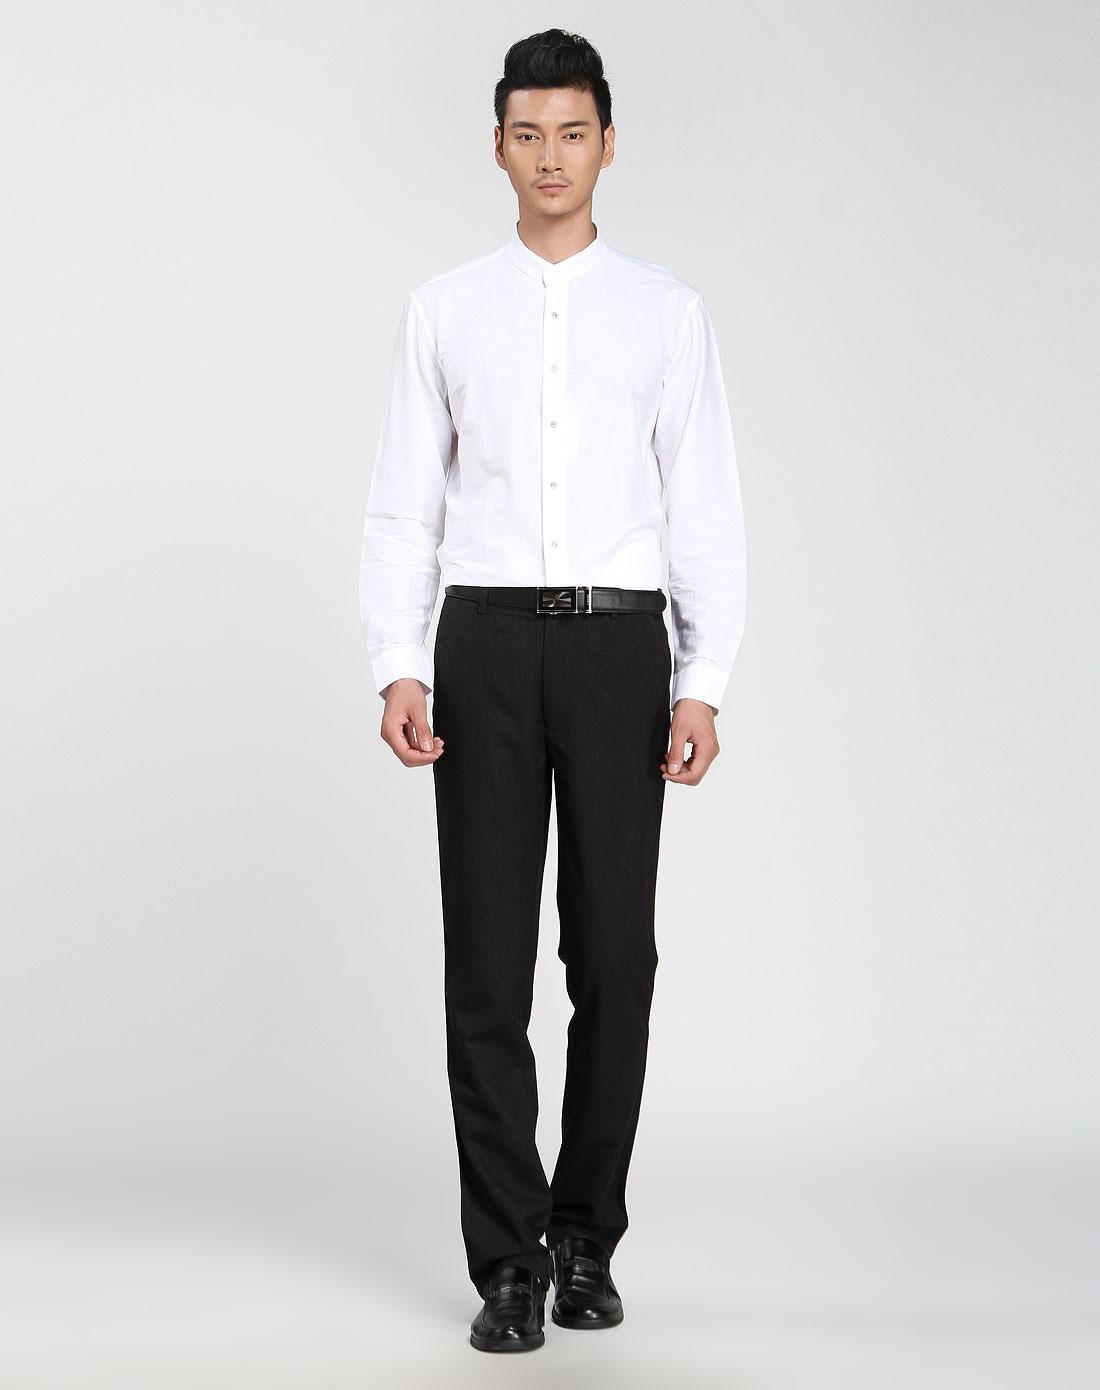 男士衬衫领白色长袖衬衫